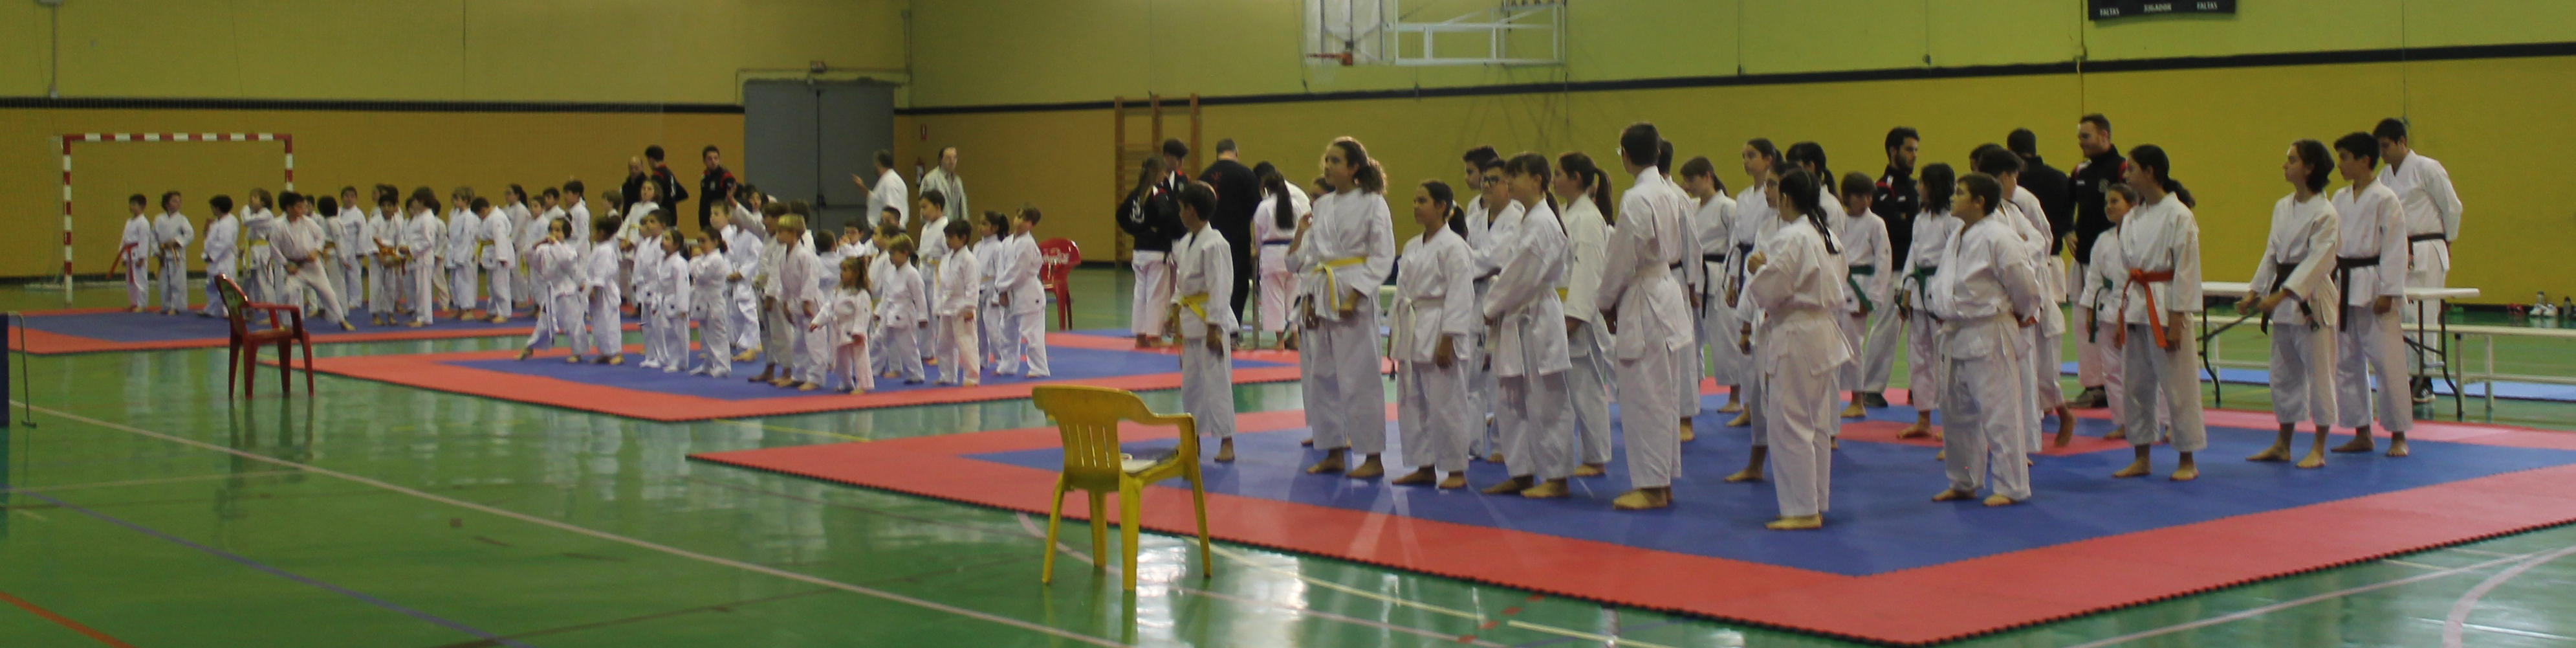 Solidaridad y karate en el xii campeonato ben fico kidokan - Artes marciales sevilla ...